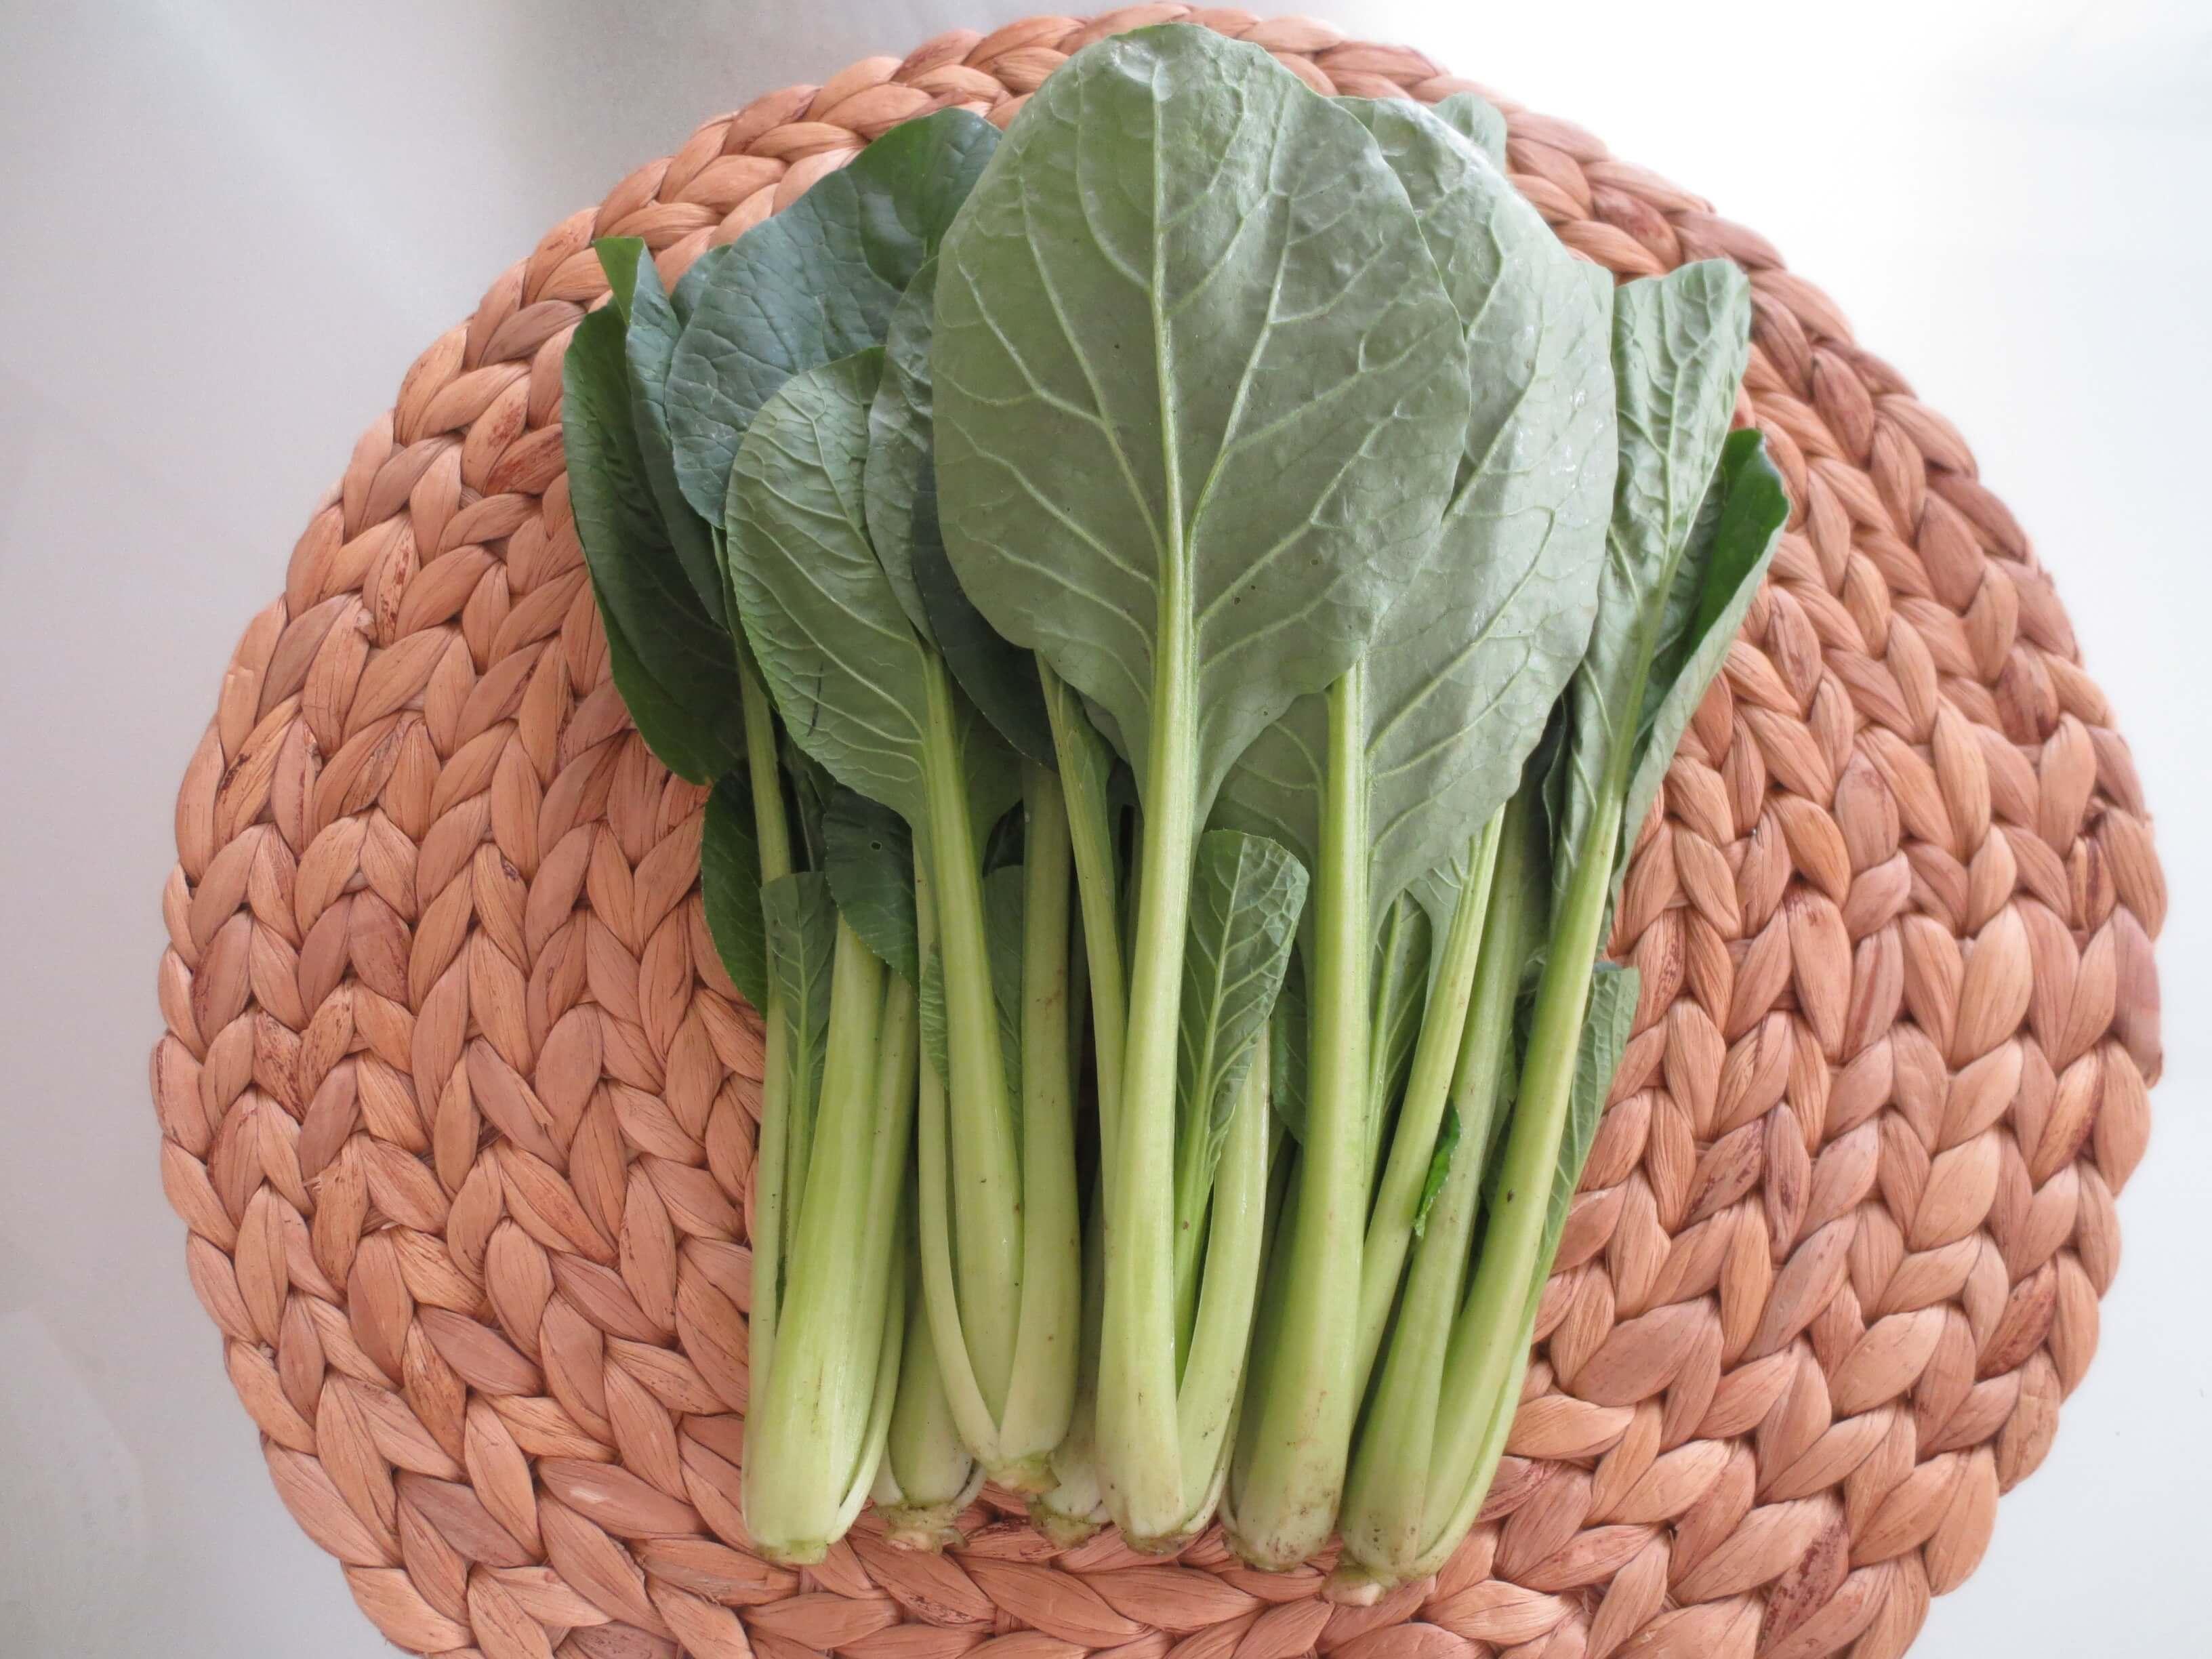 良質な有機野菜の見分け方14